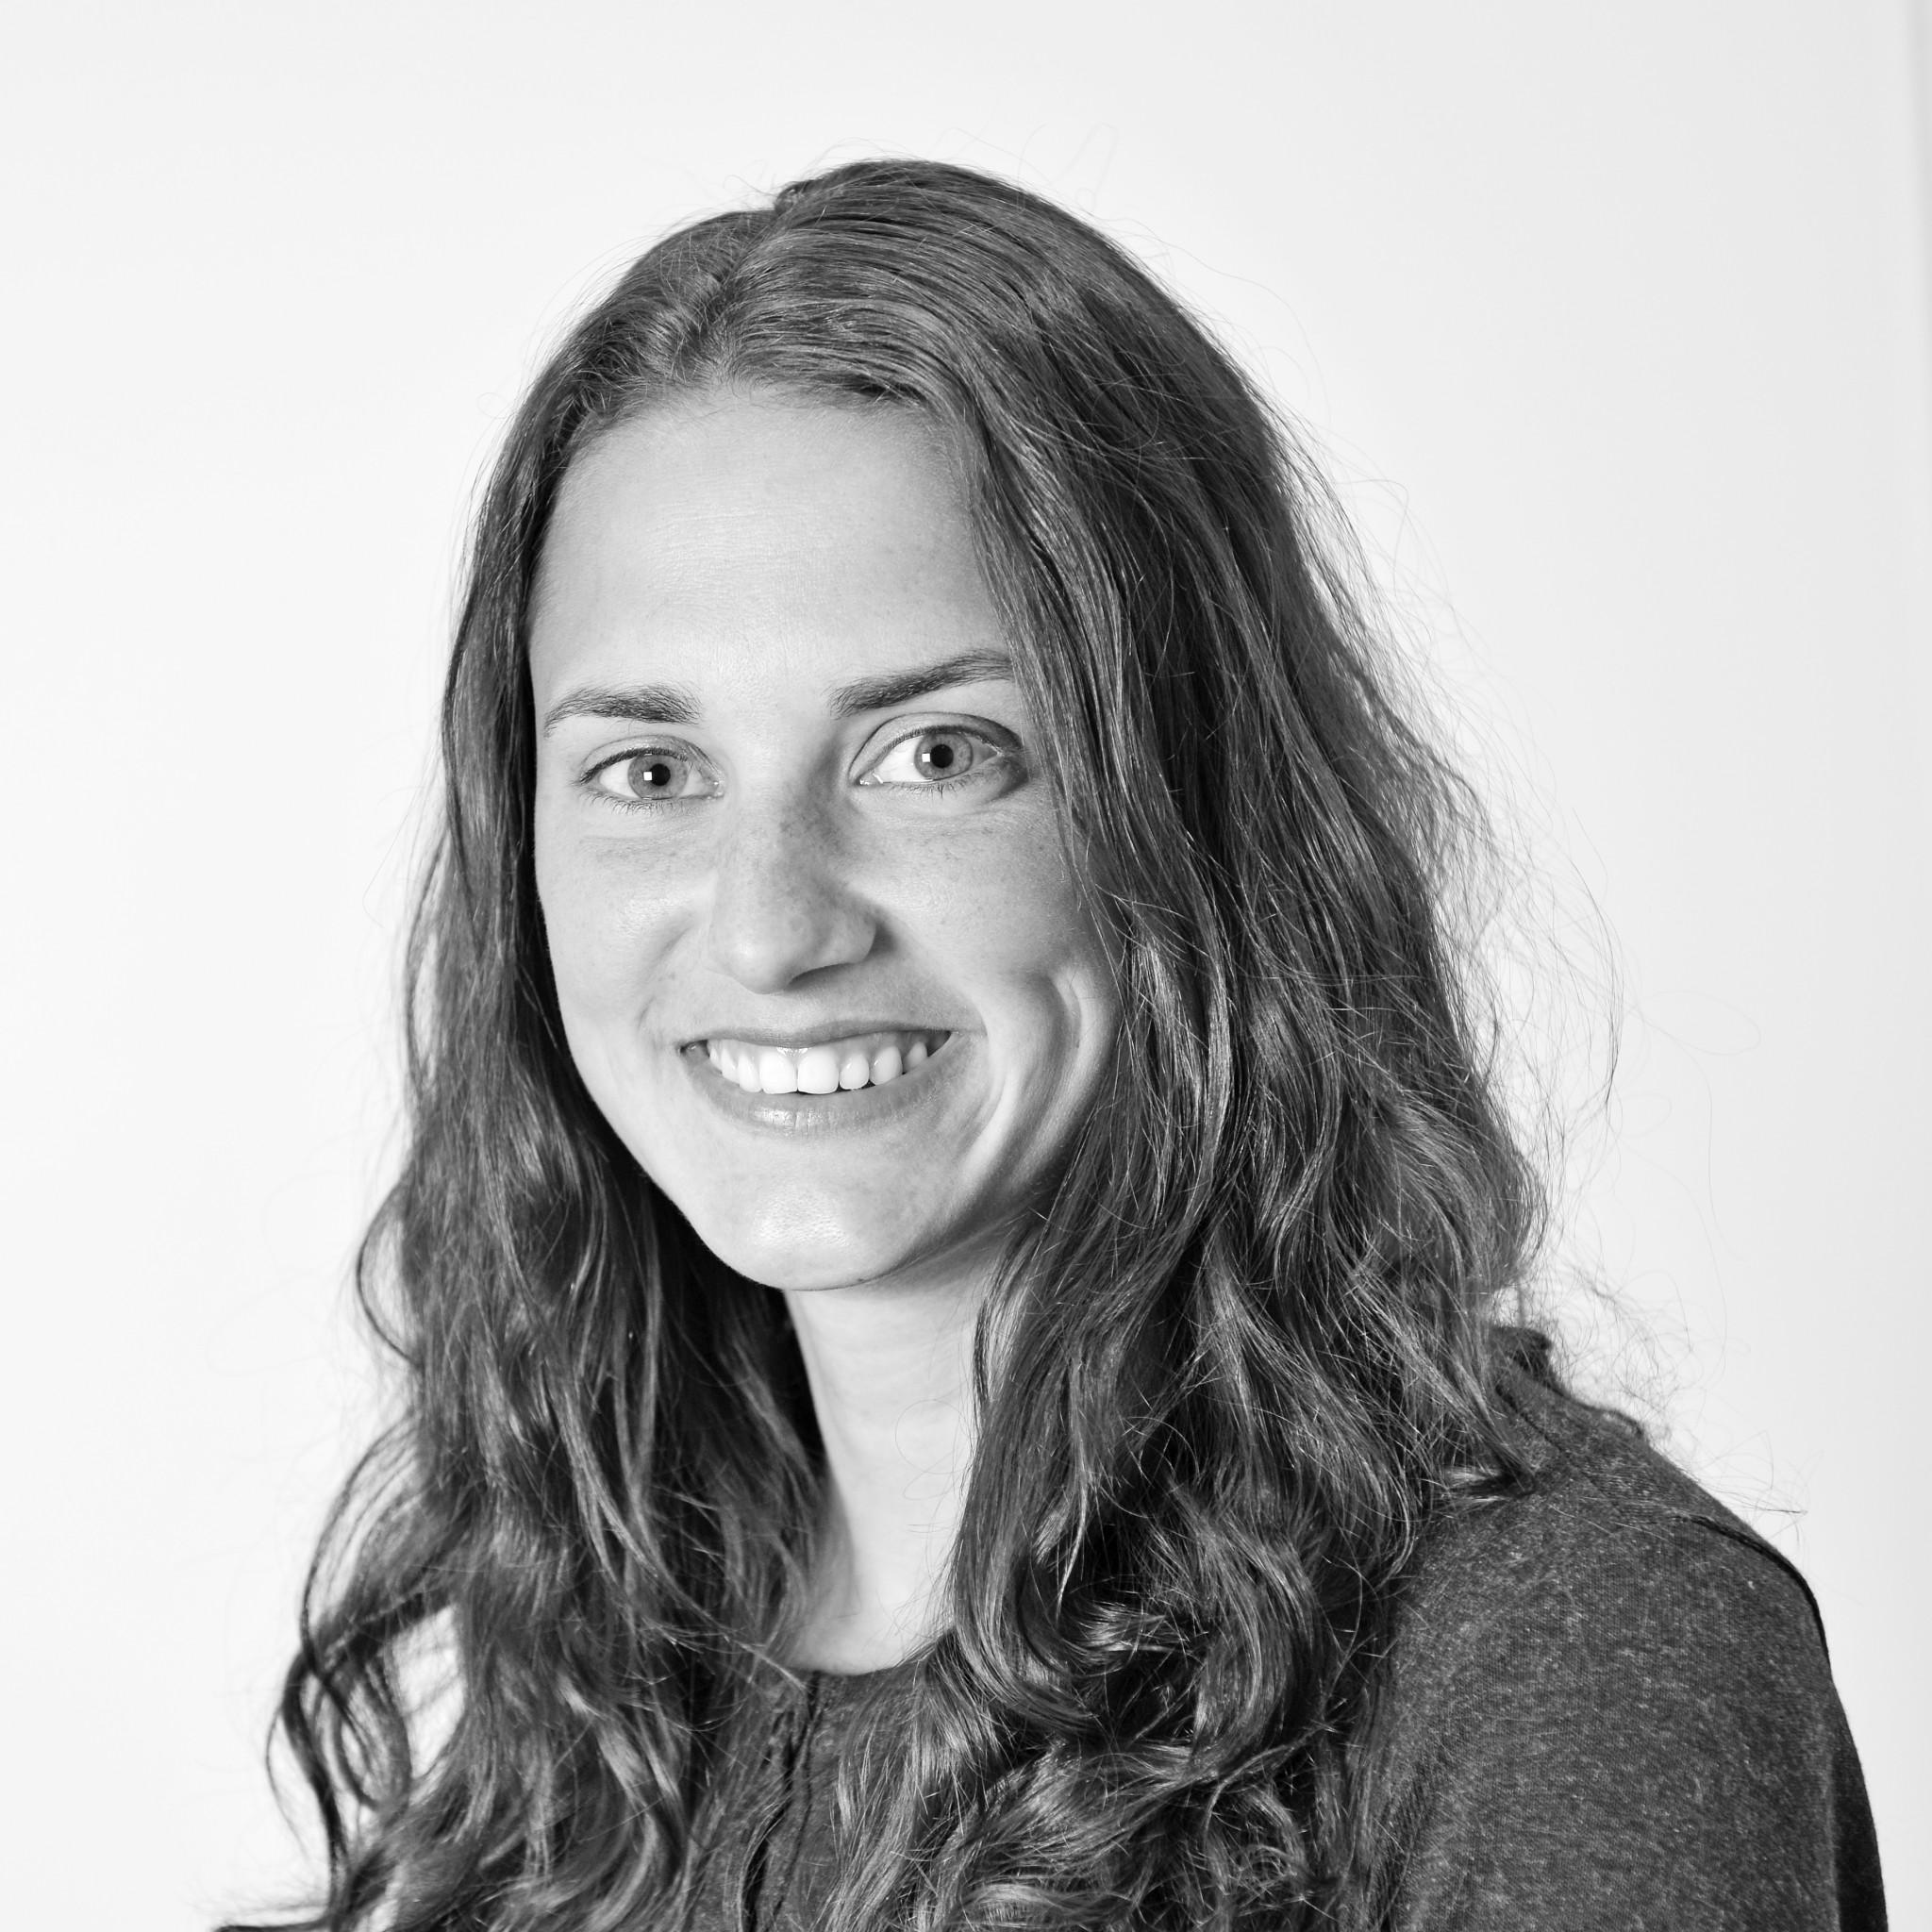 Lina Aasan : Avlskonsulent  - jobber mandag og torsdag på hjemmekontor i Telemark